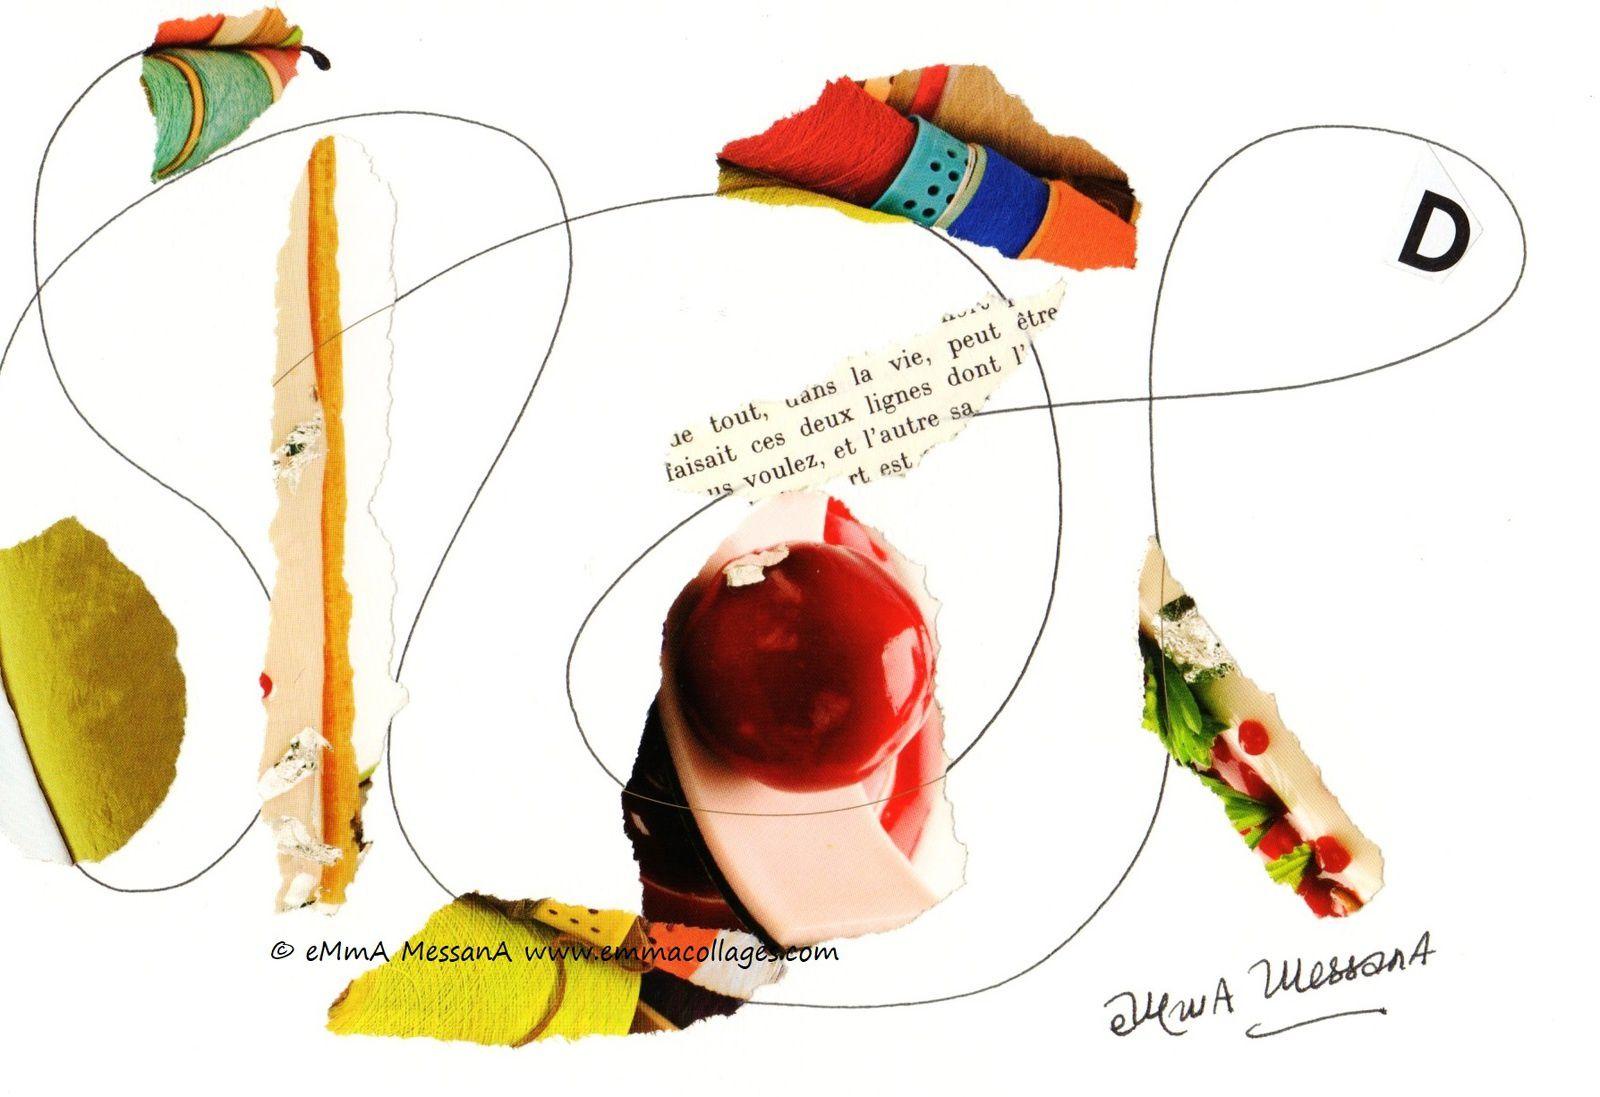 """Les Collages d'eMmA MessanA, collage N°385 """"eMmAbécédaire D"""", pièce unique © eMmA MessanA"""